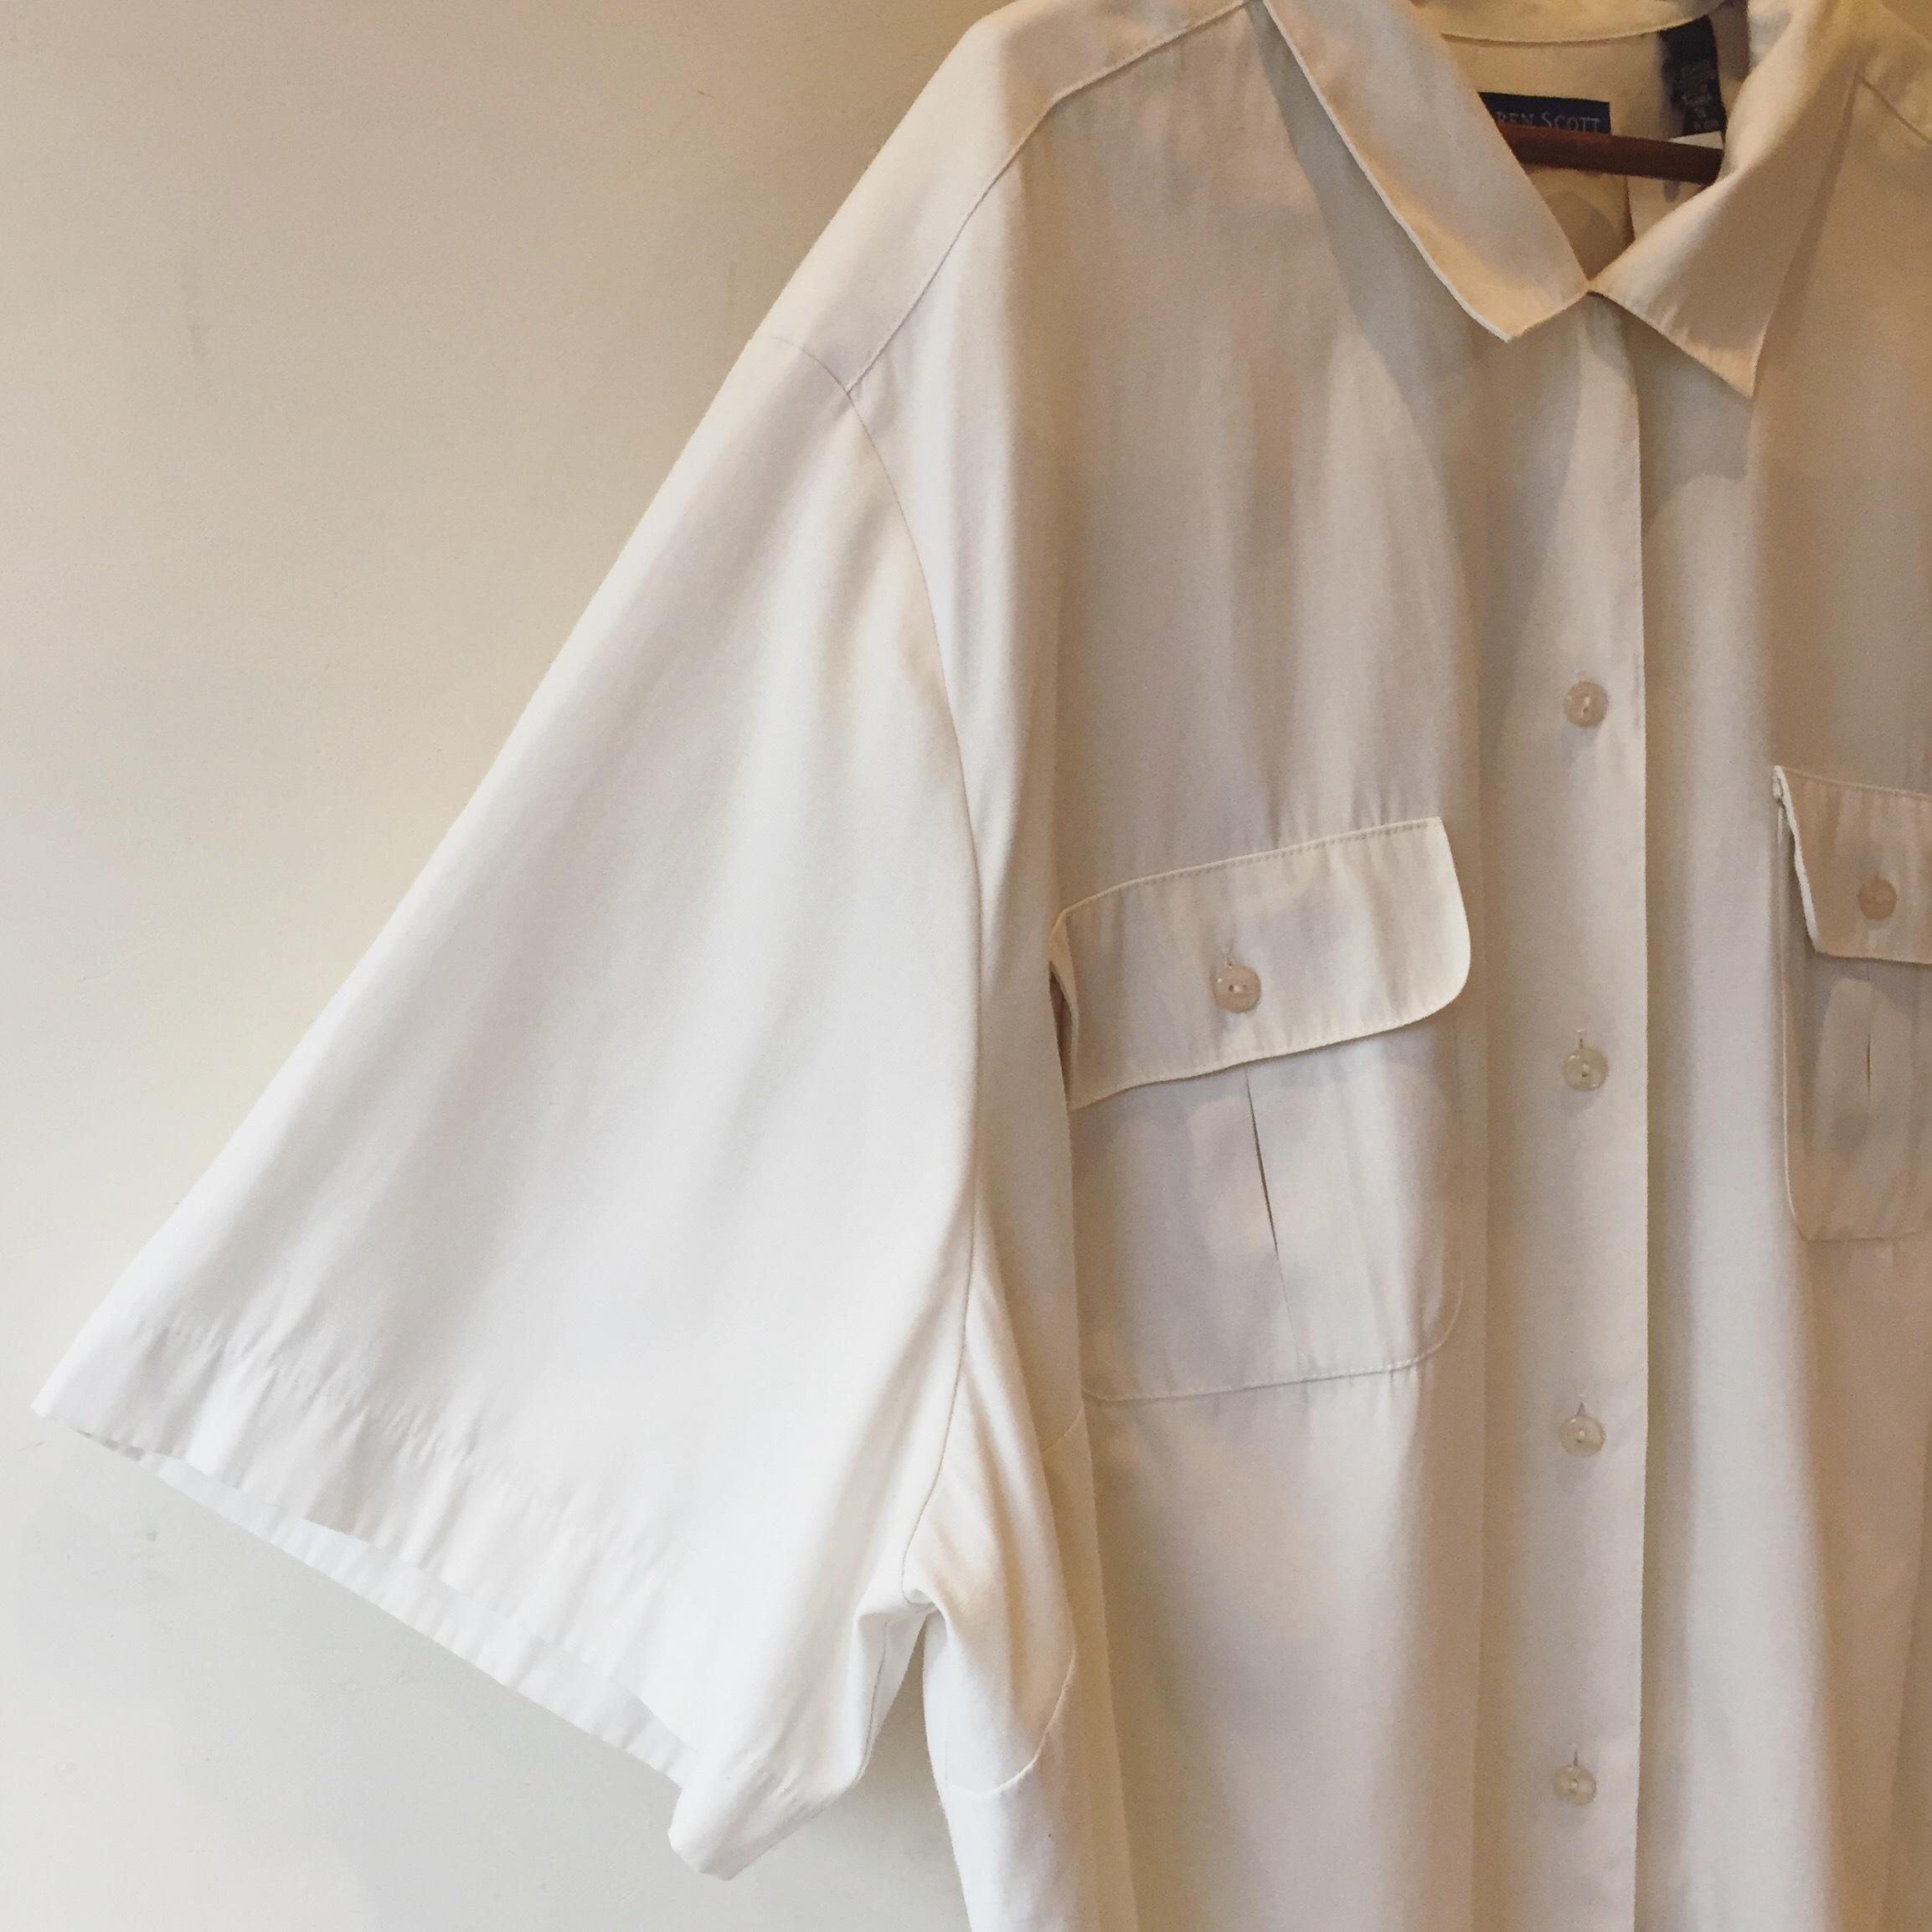 vintage wide shirts